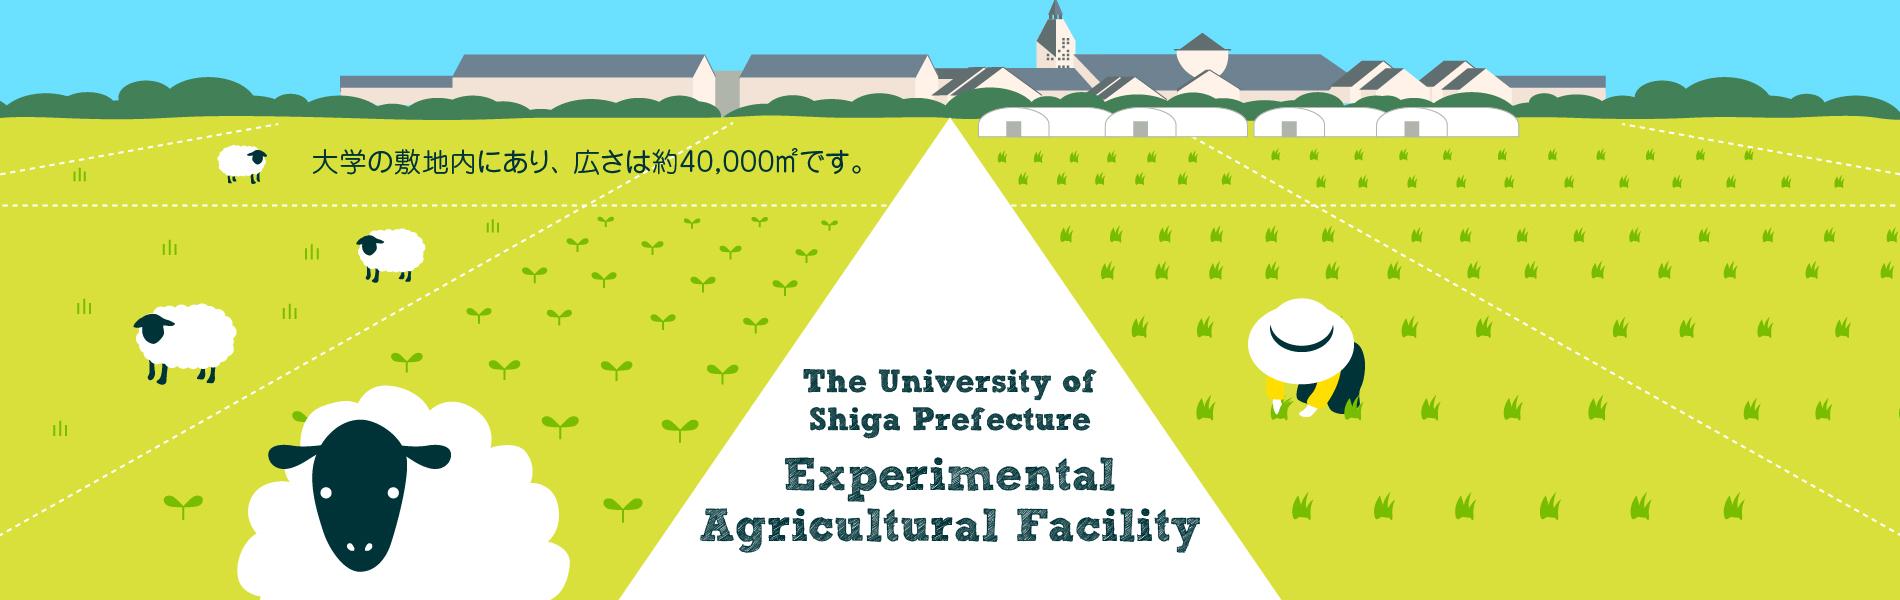 大学の敷地内にあり、広さは約40,000平方メートルです。